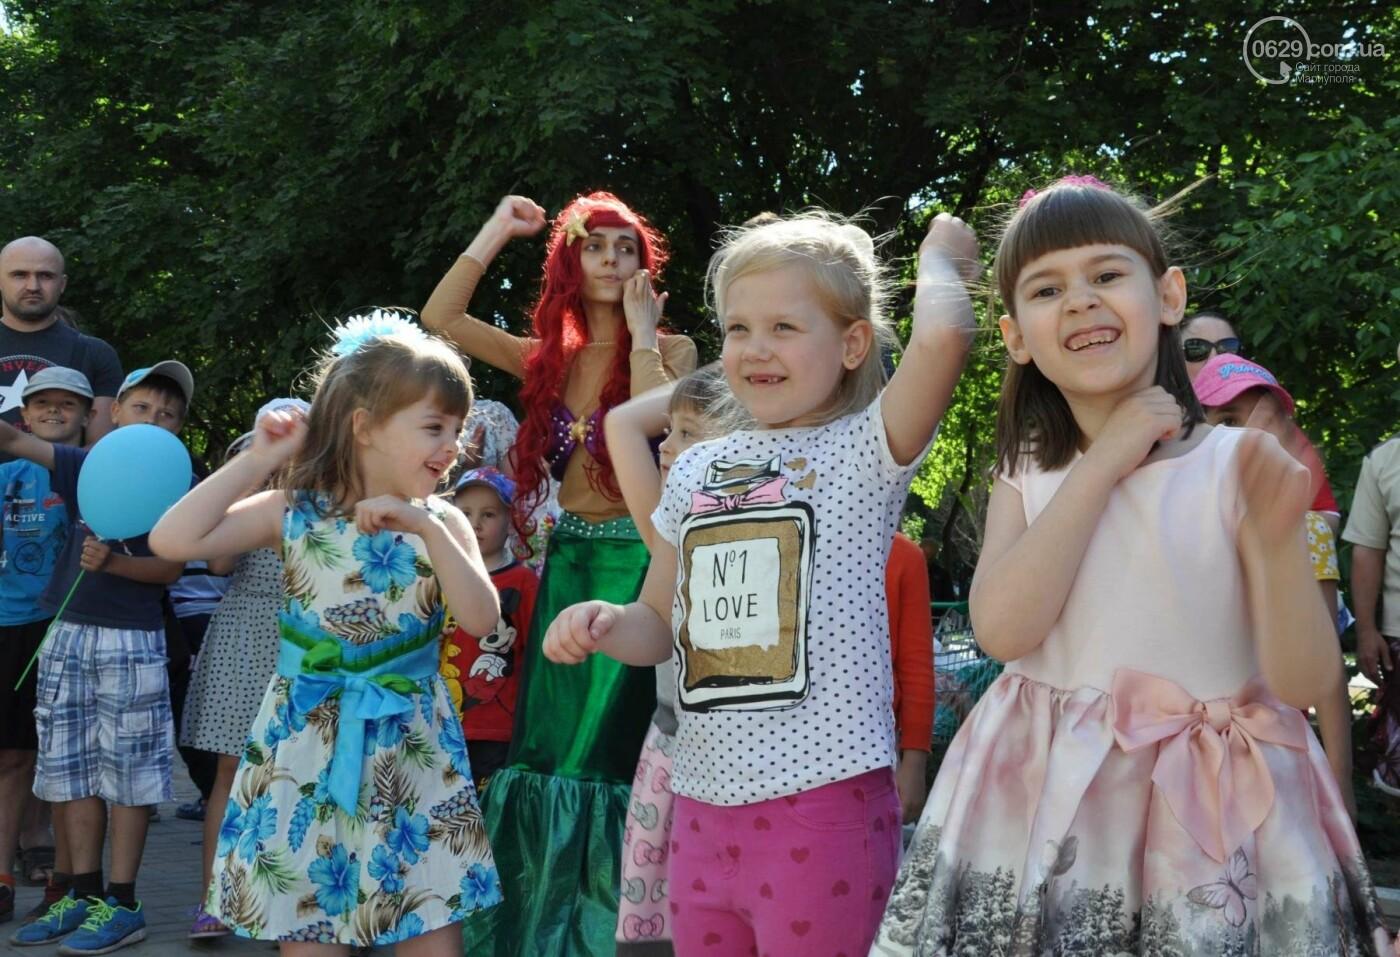 В аптеке «Азовфарм» провели праздник для детей и разыграли призы, фото-19